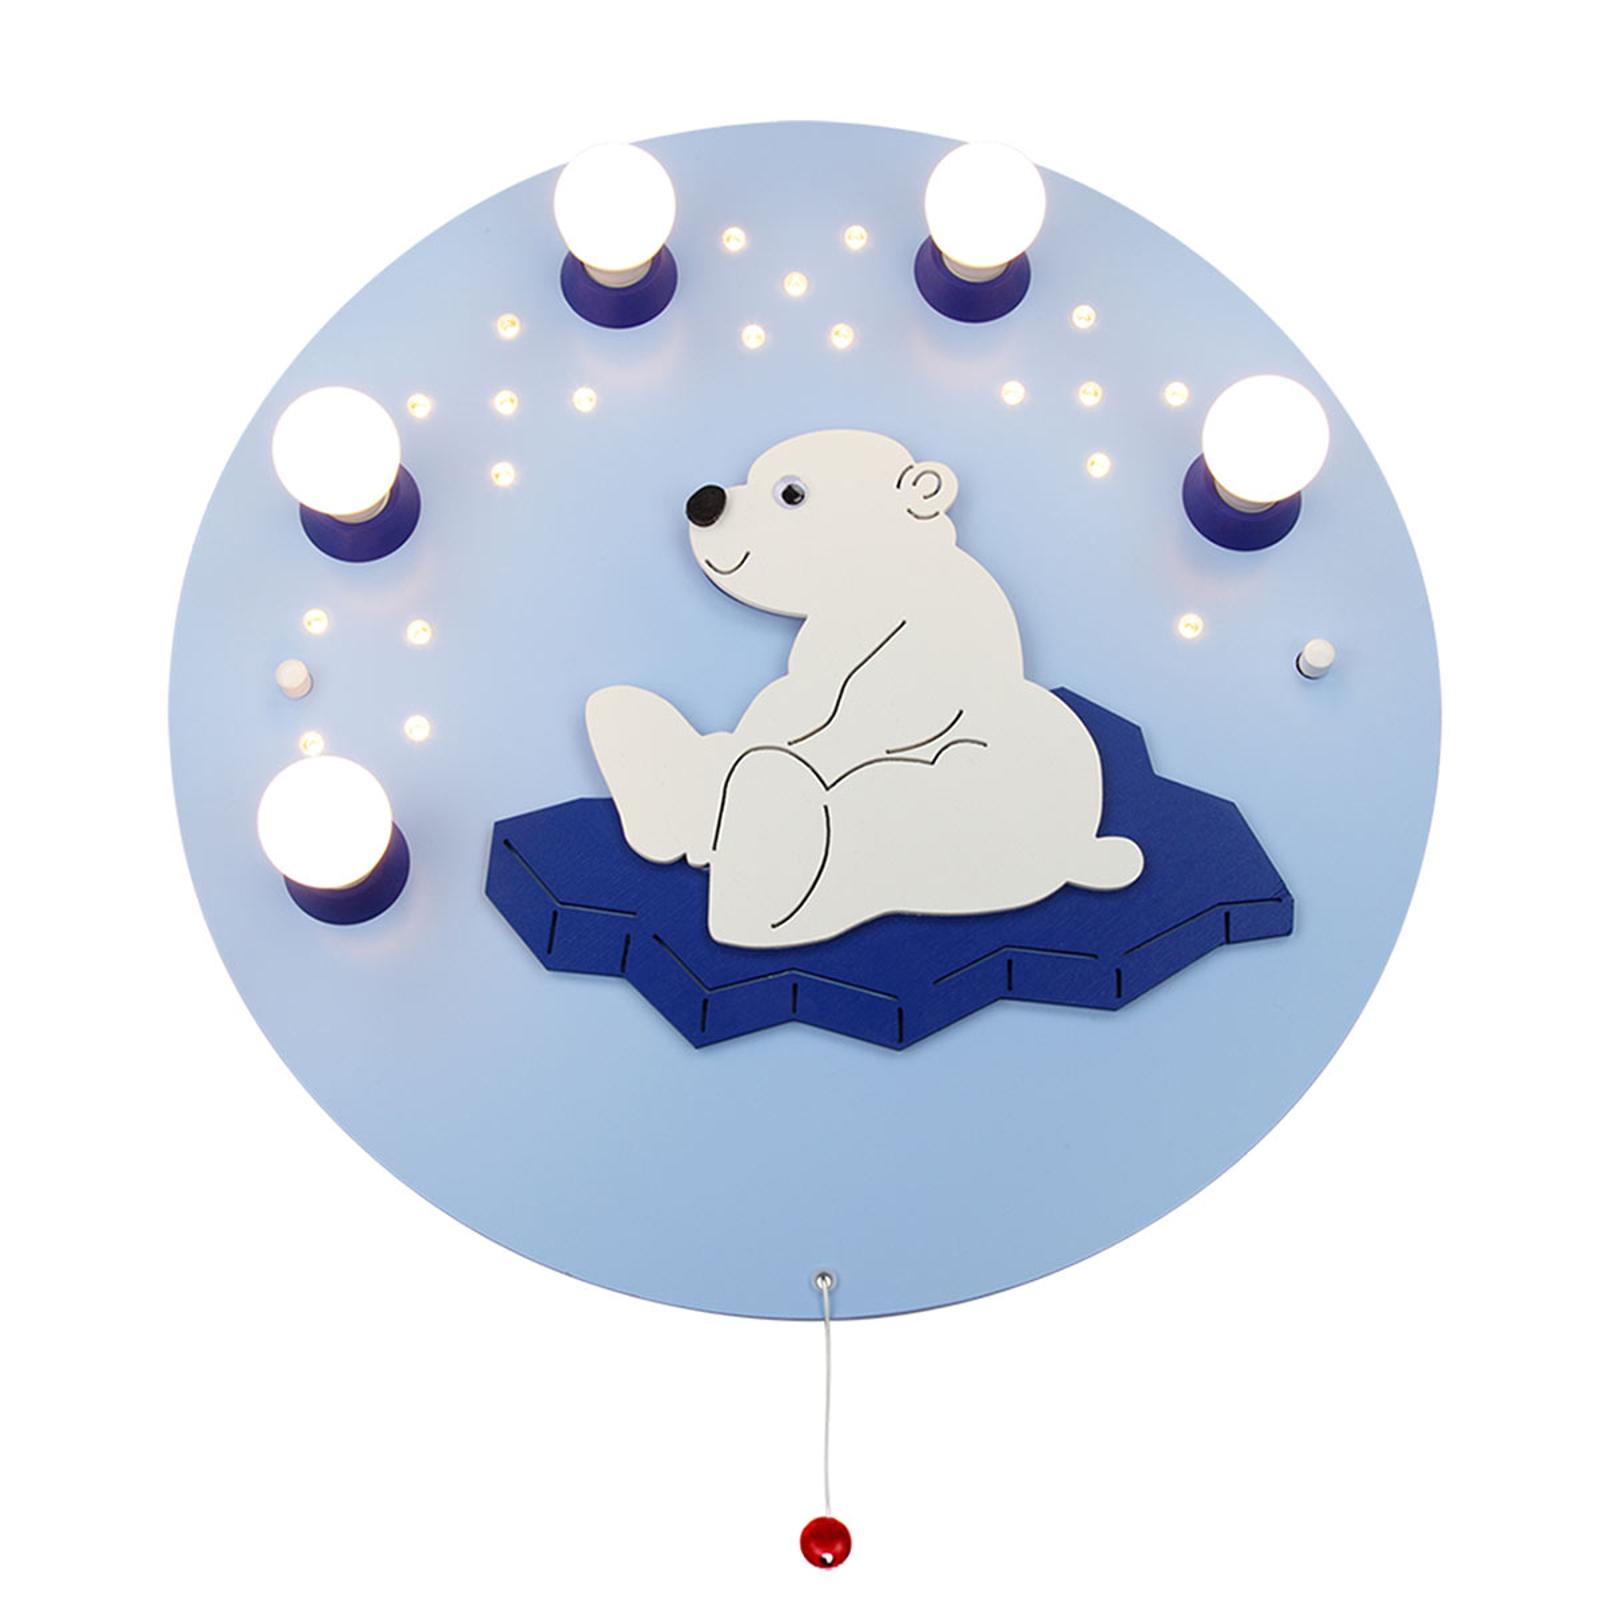 Lampa sufitowa Niedźwiedź polarny, 5-punktowa